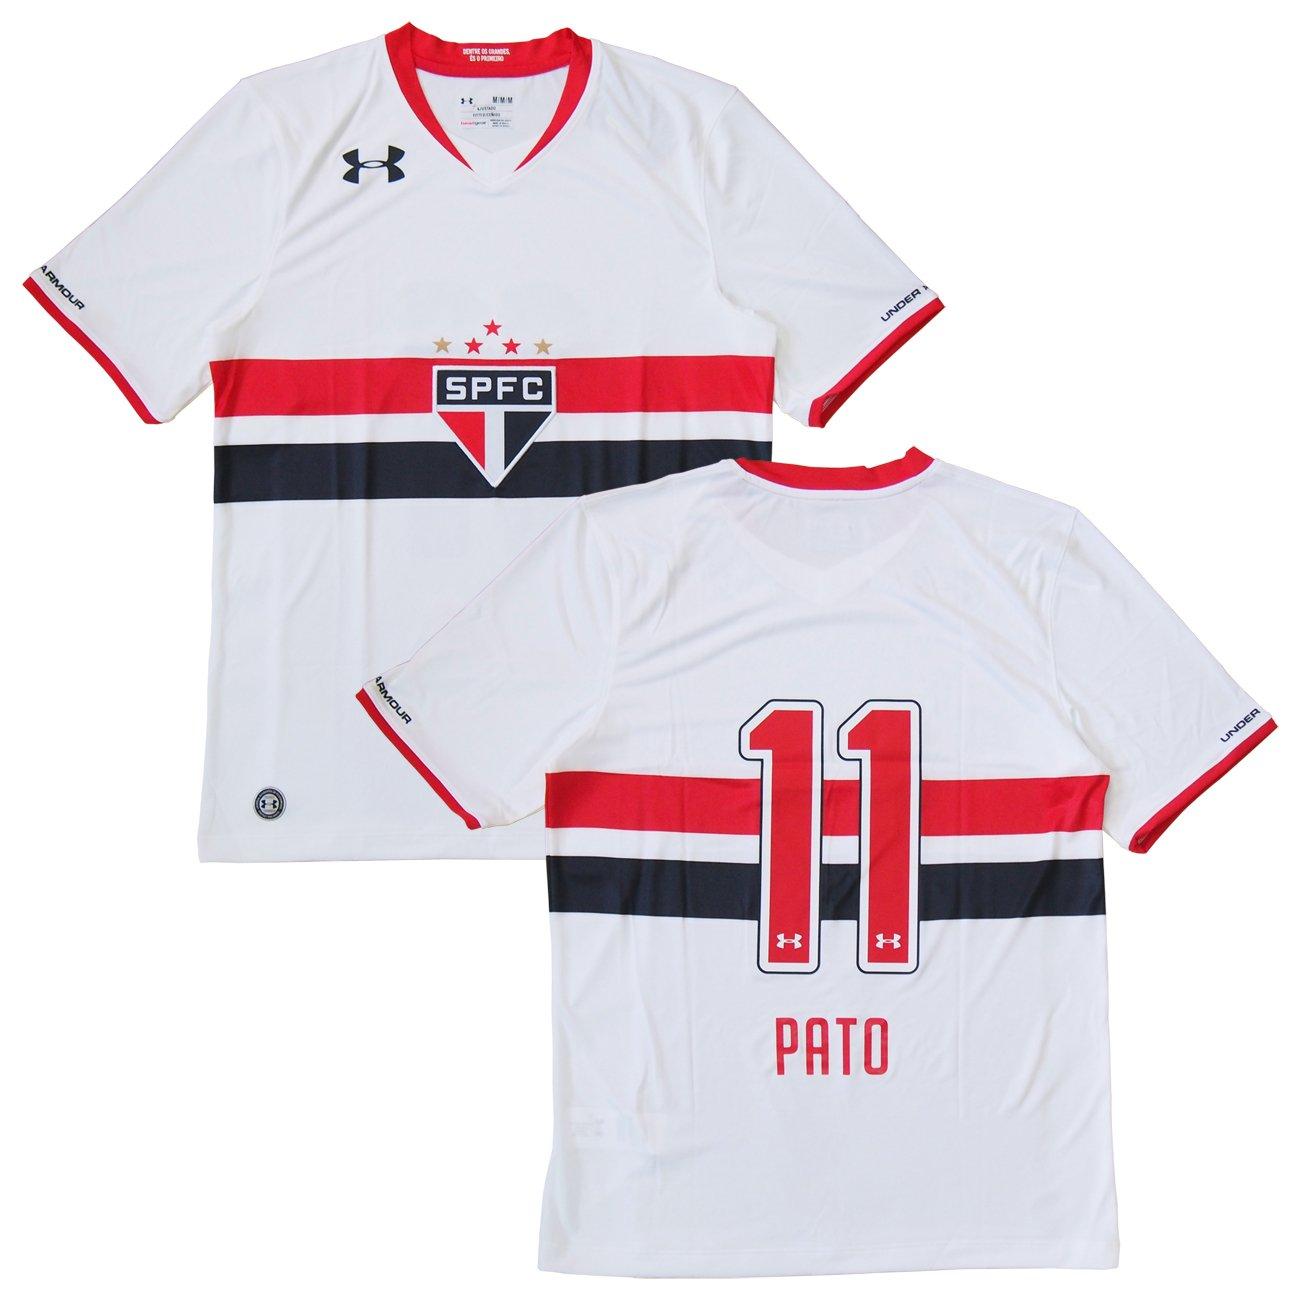 Under Armour(アンダーアーマー) 2015-16 サンパウロFC ホーム半袖 #11 PATO アレシャンドレパト B01A85R0KEインポートM